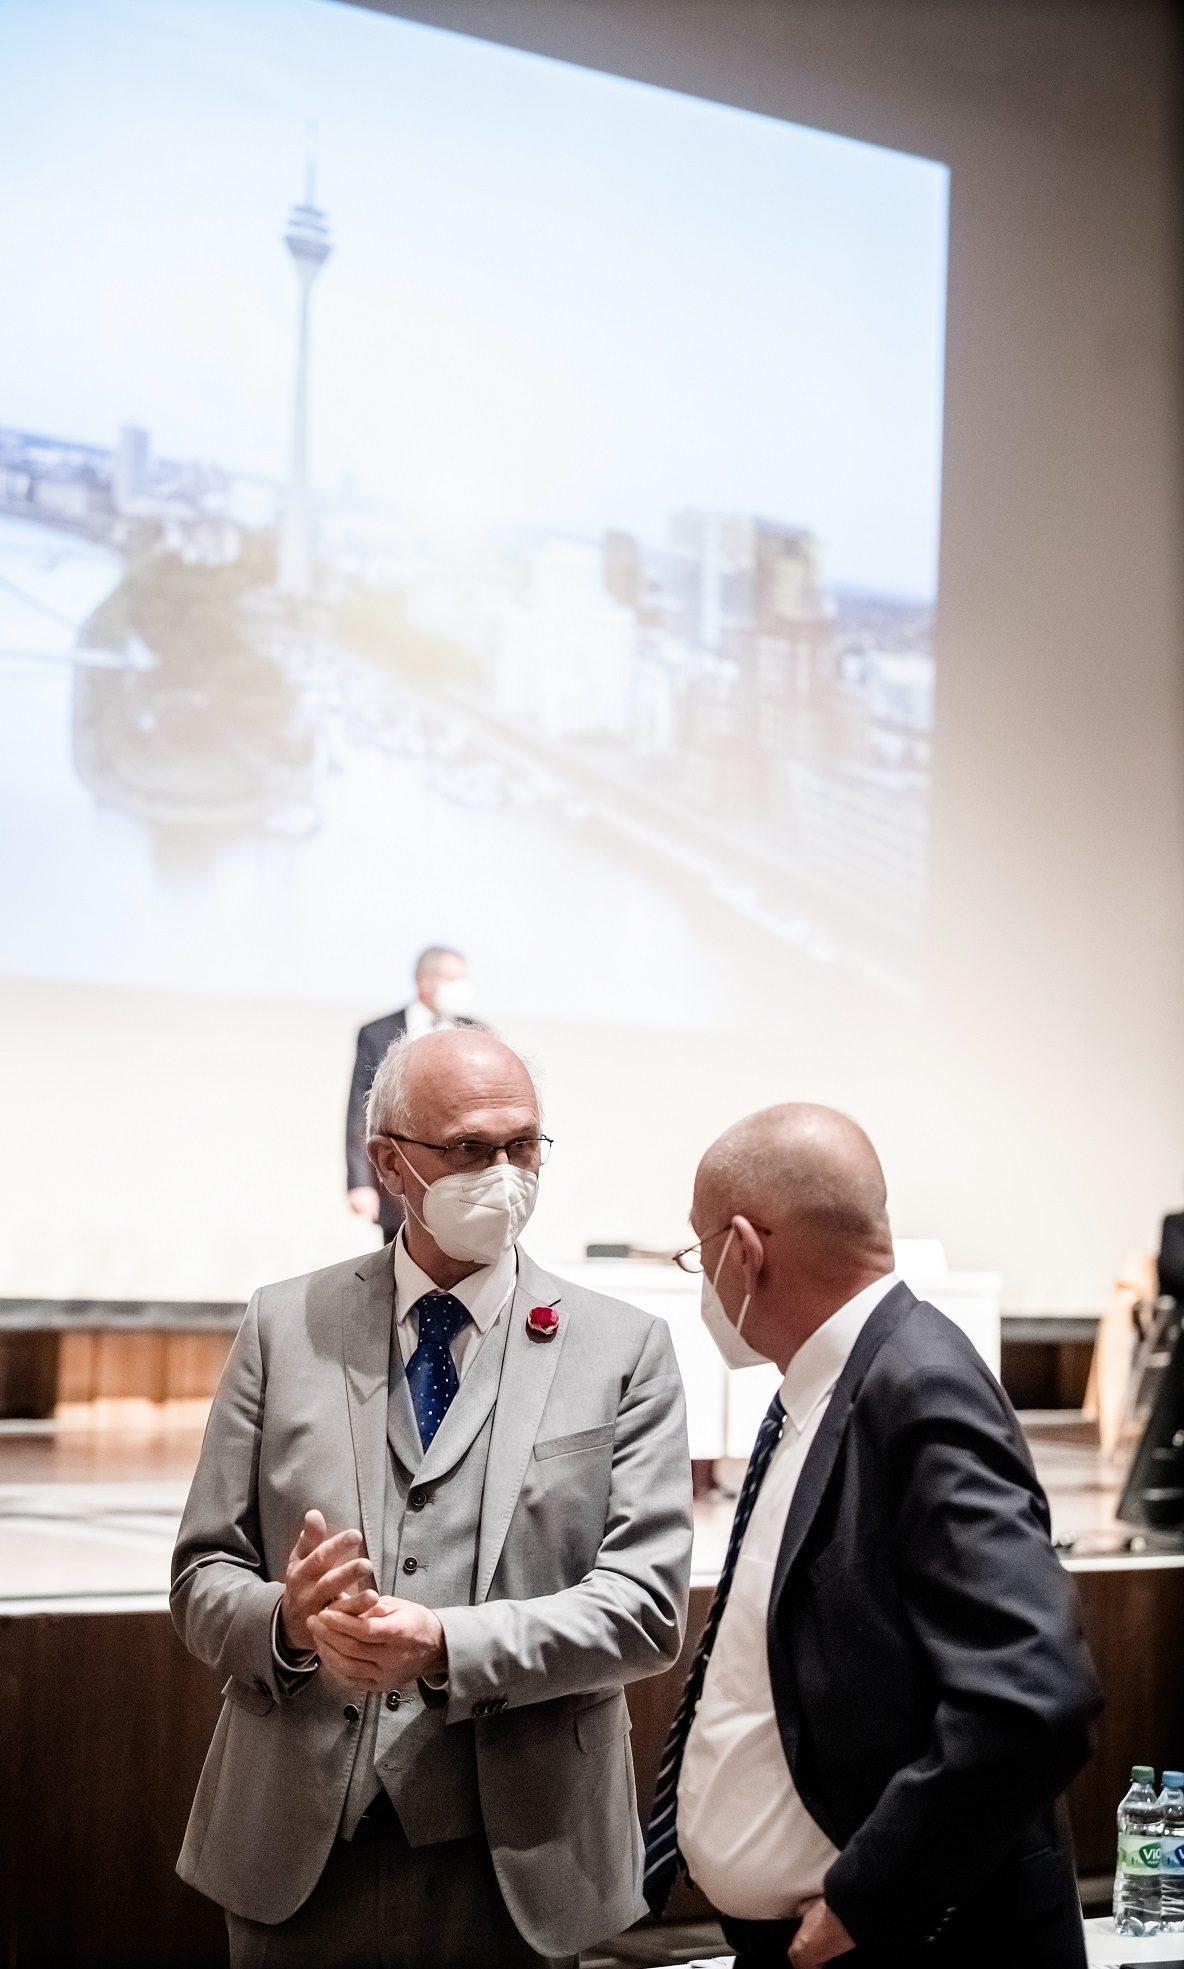 Der CDU-Fraktionsvorsitzende Rolf Tups (rechts) und Ratsherr Alexander Fils während einer Sitzung des Stadtrates. Foto: Andreas Endermann